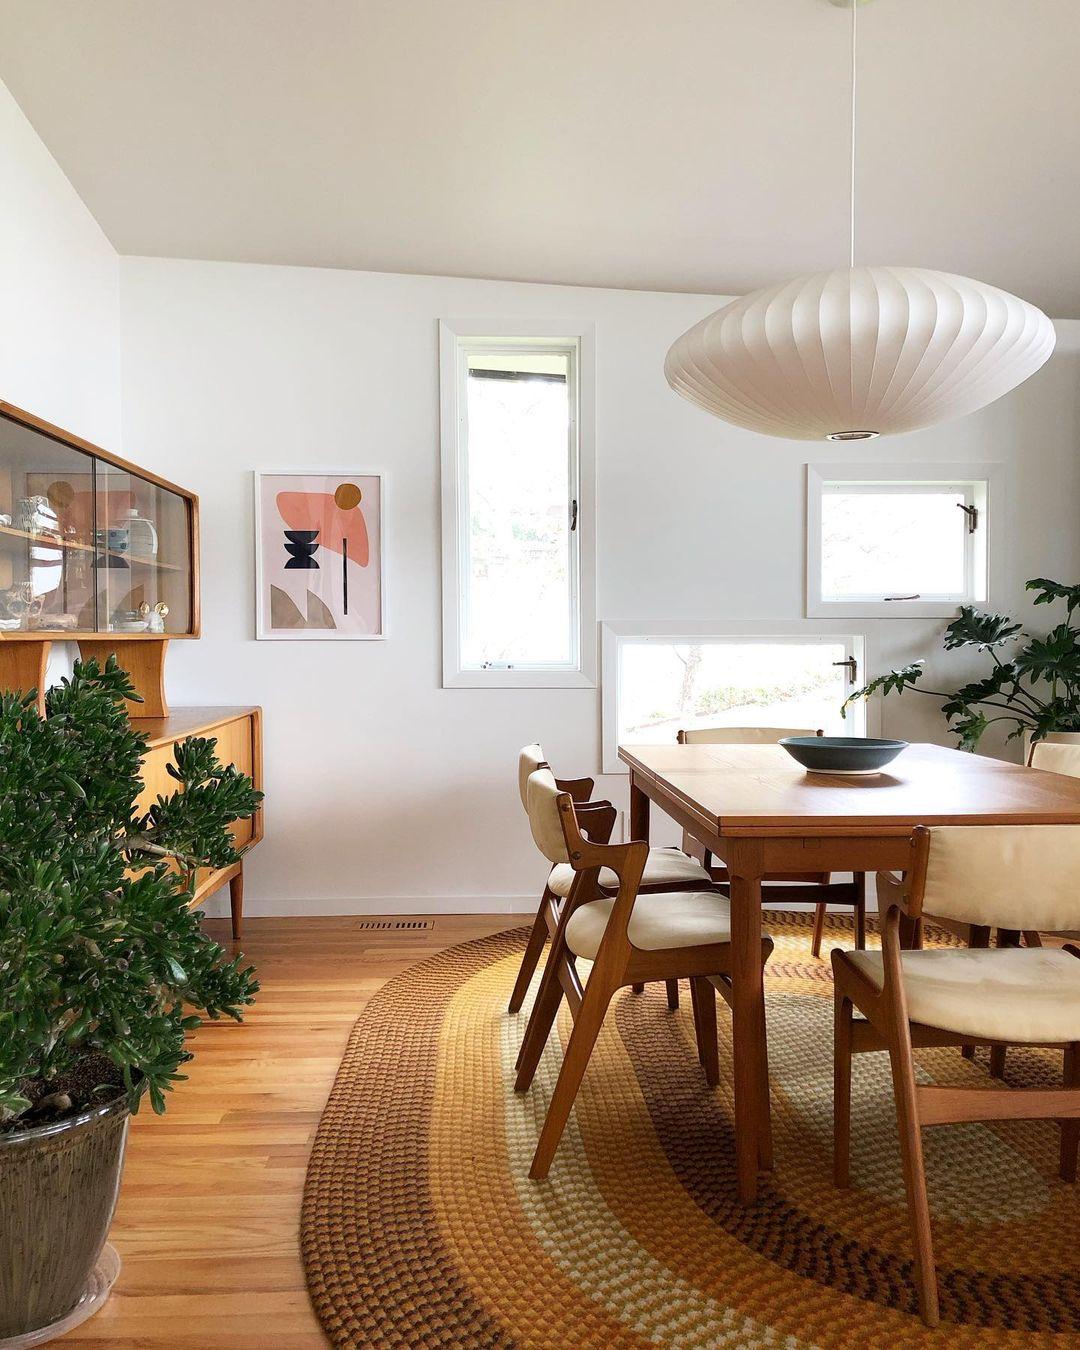 10 Inspiring Mid-Century Dining Room Ideas_10